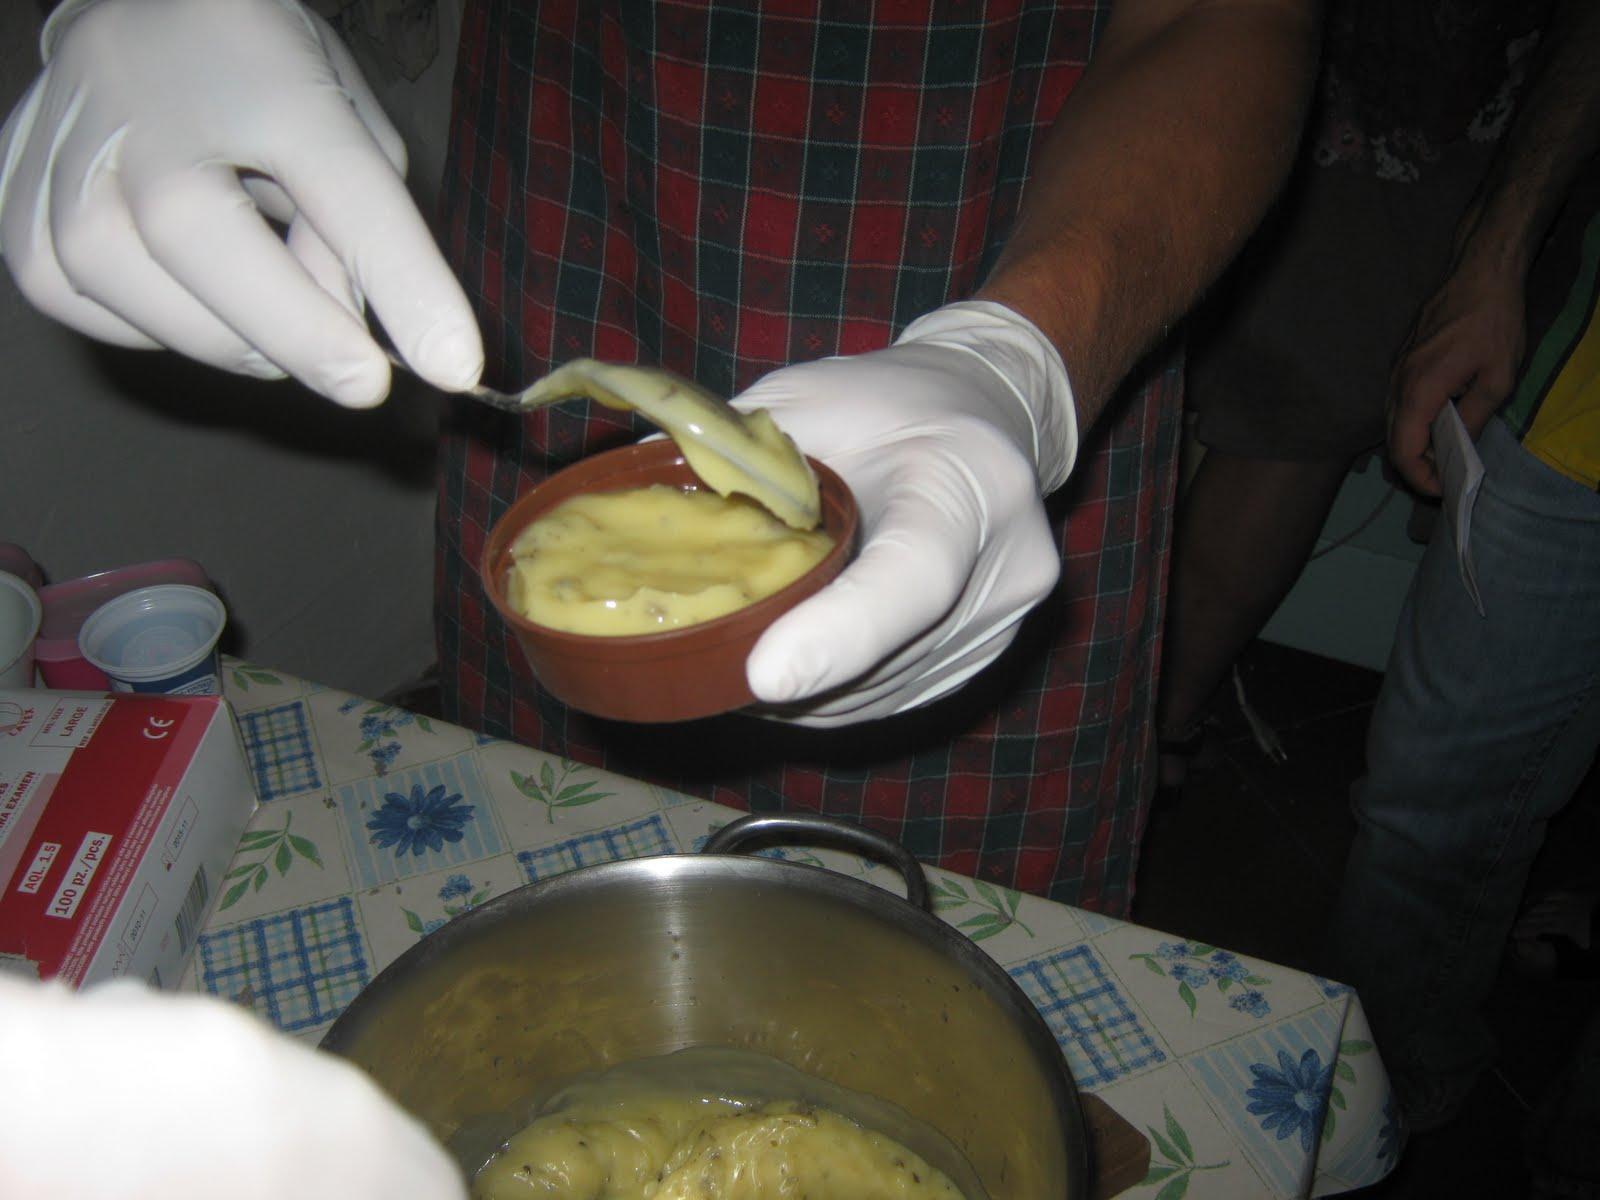 Sapone fatto in casa the italian juice - Sapone liquido fatto in casa ...